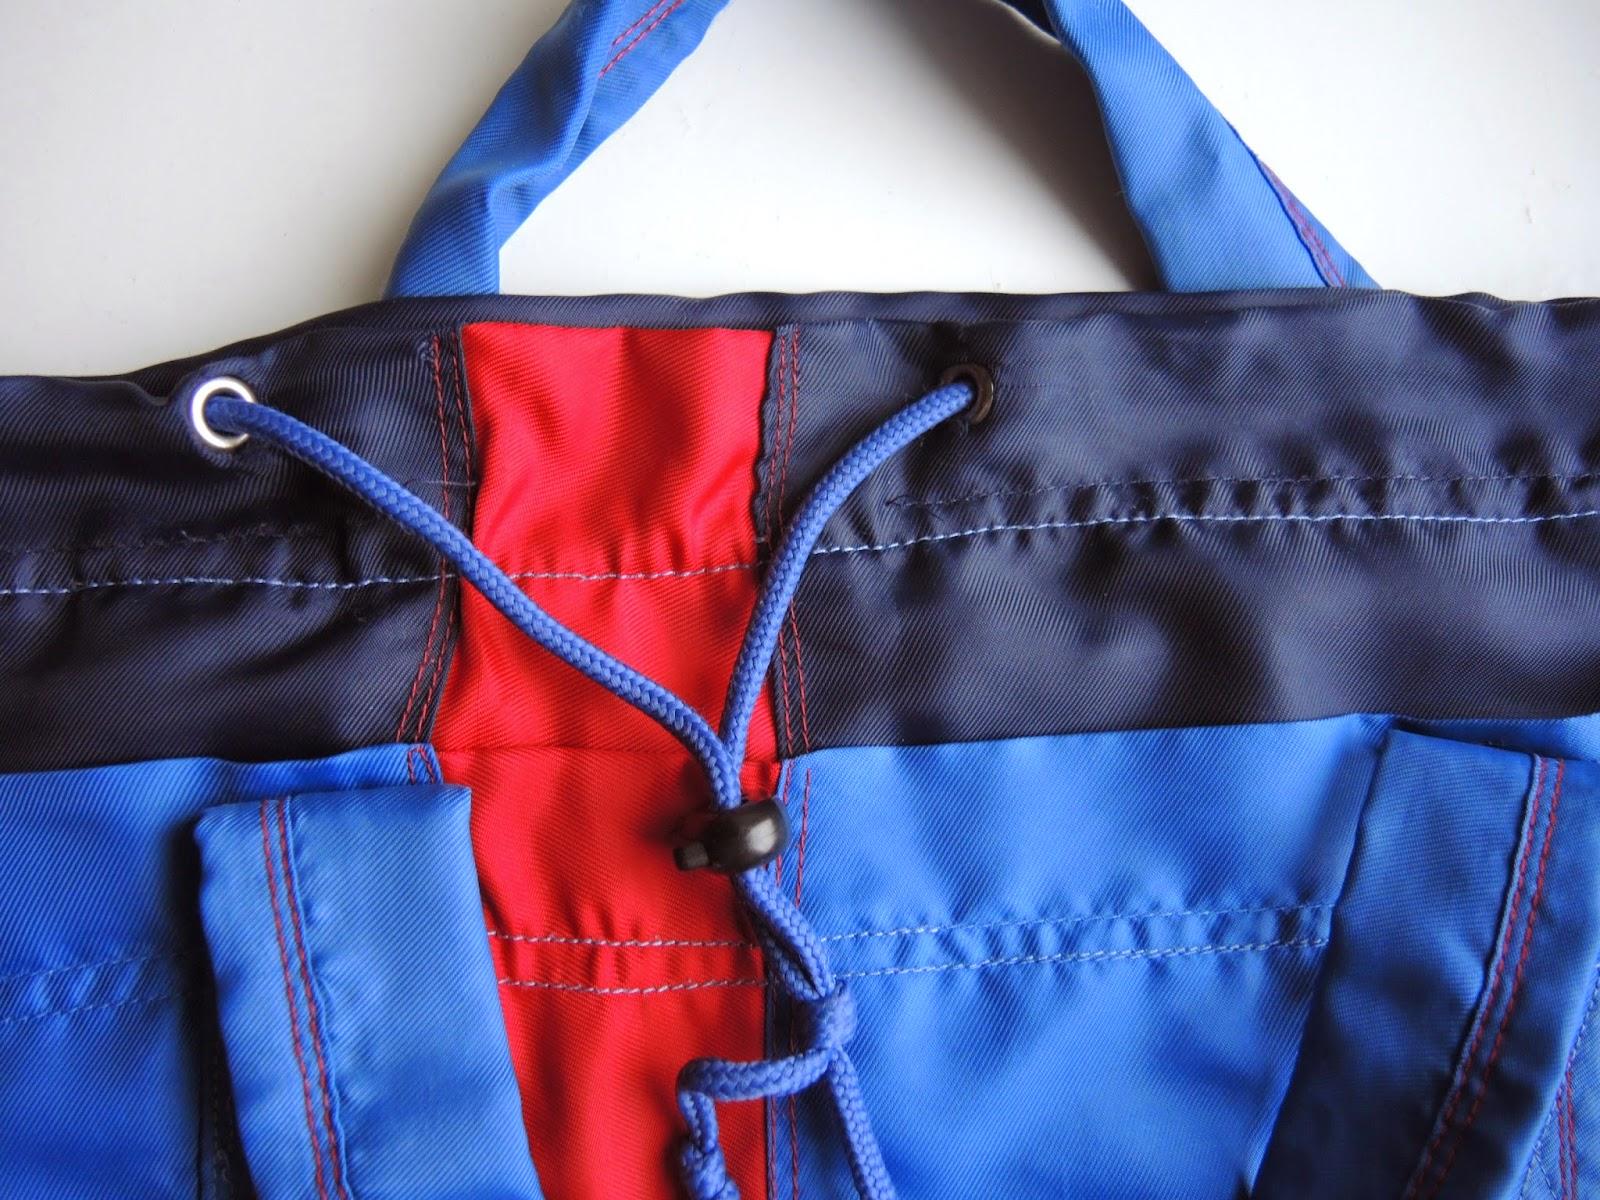 спортивная сумка, для формы, для спорта, сумка сшитая, сумка для школы